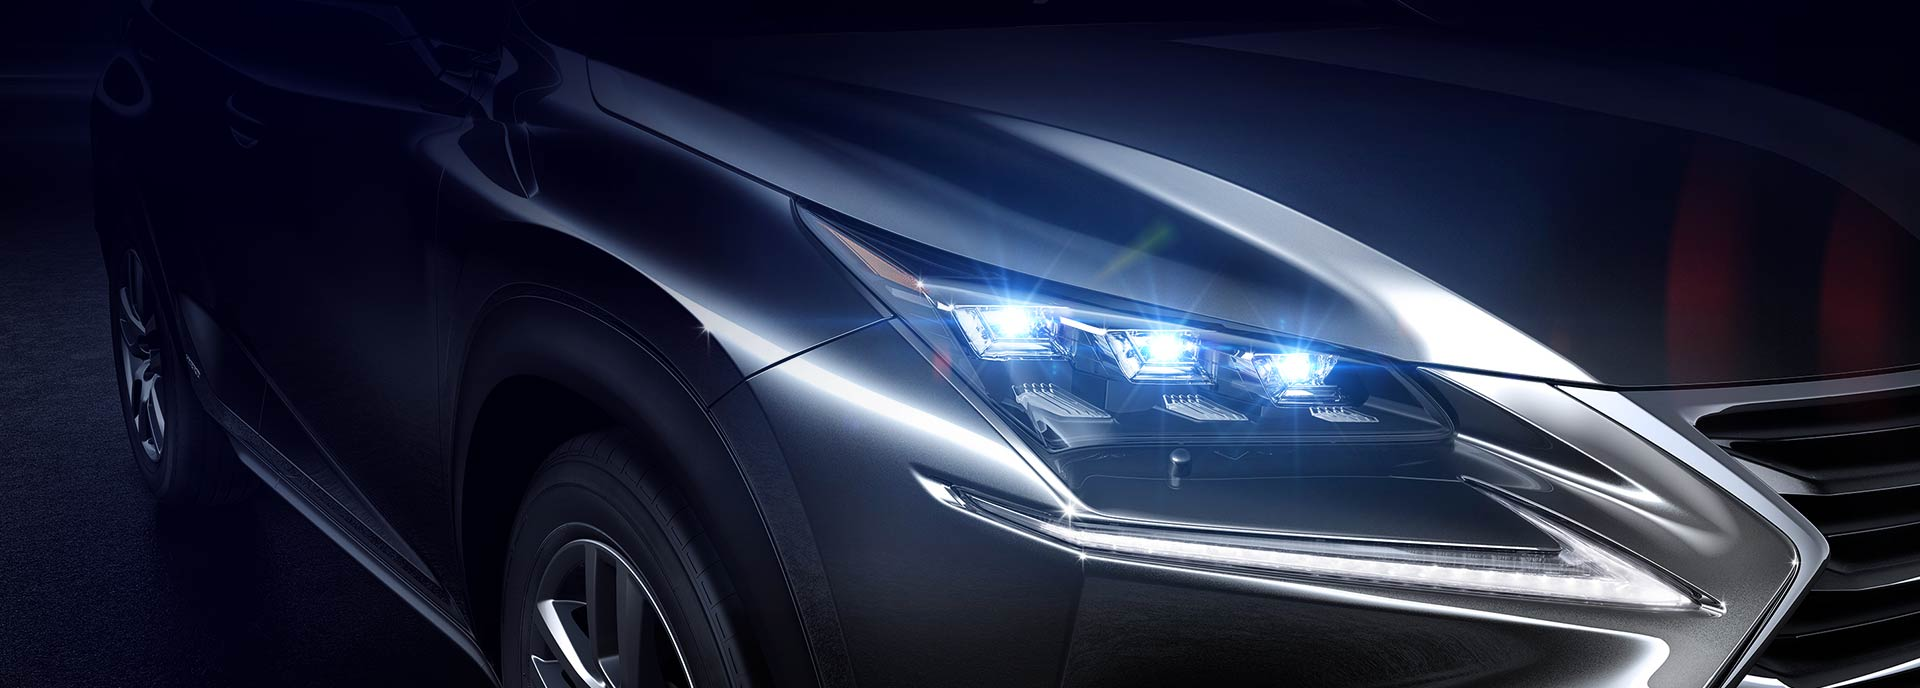 Primo piano del faro di destra di una Lexus LC grigio metalizzato